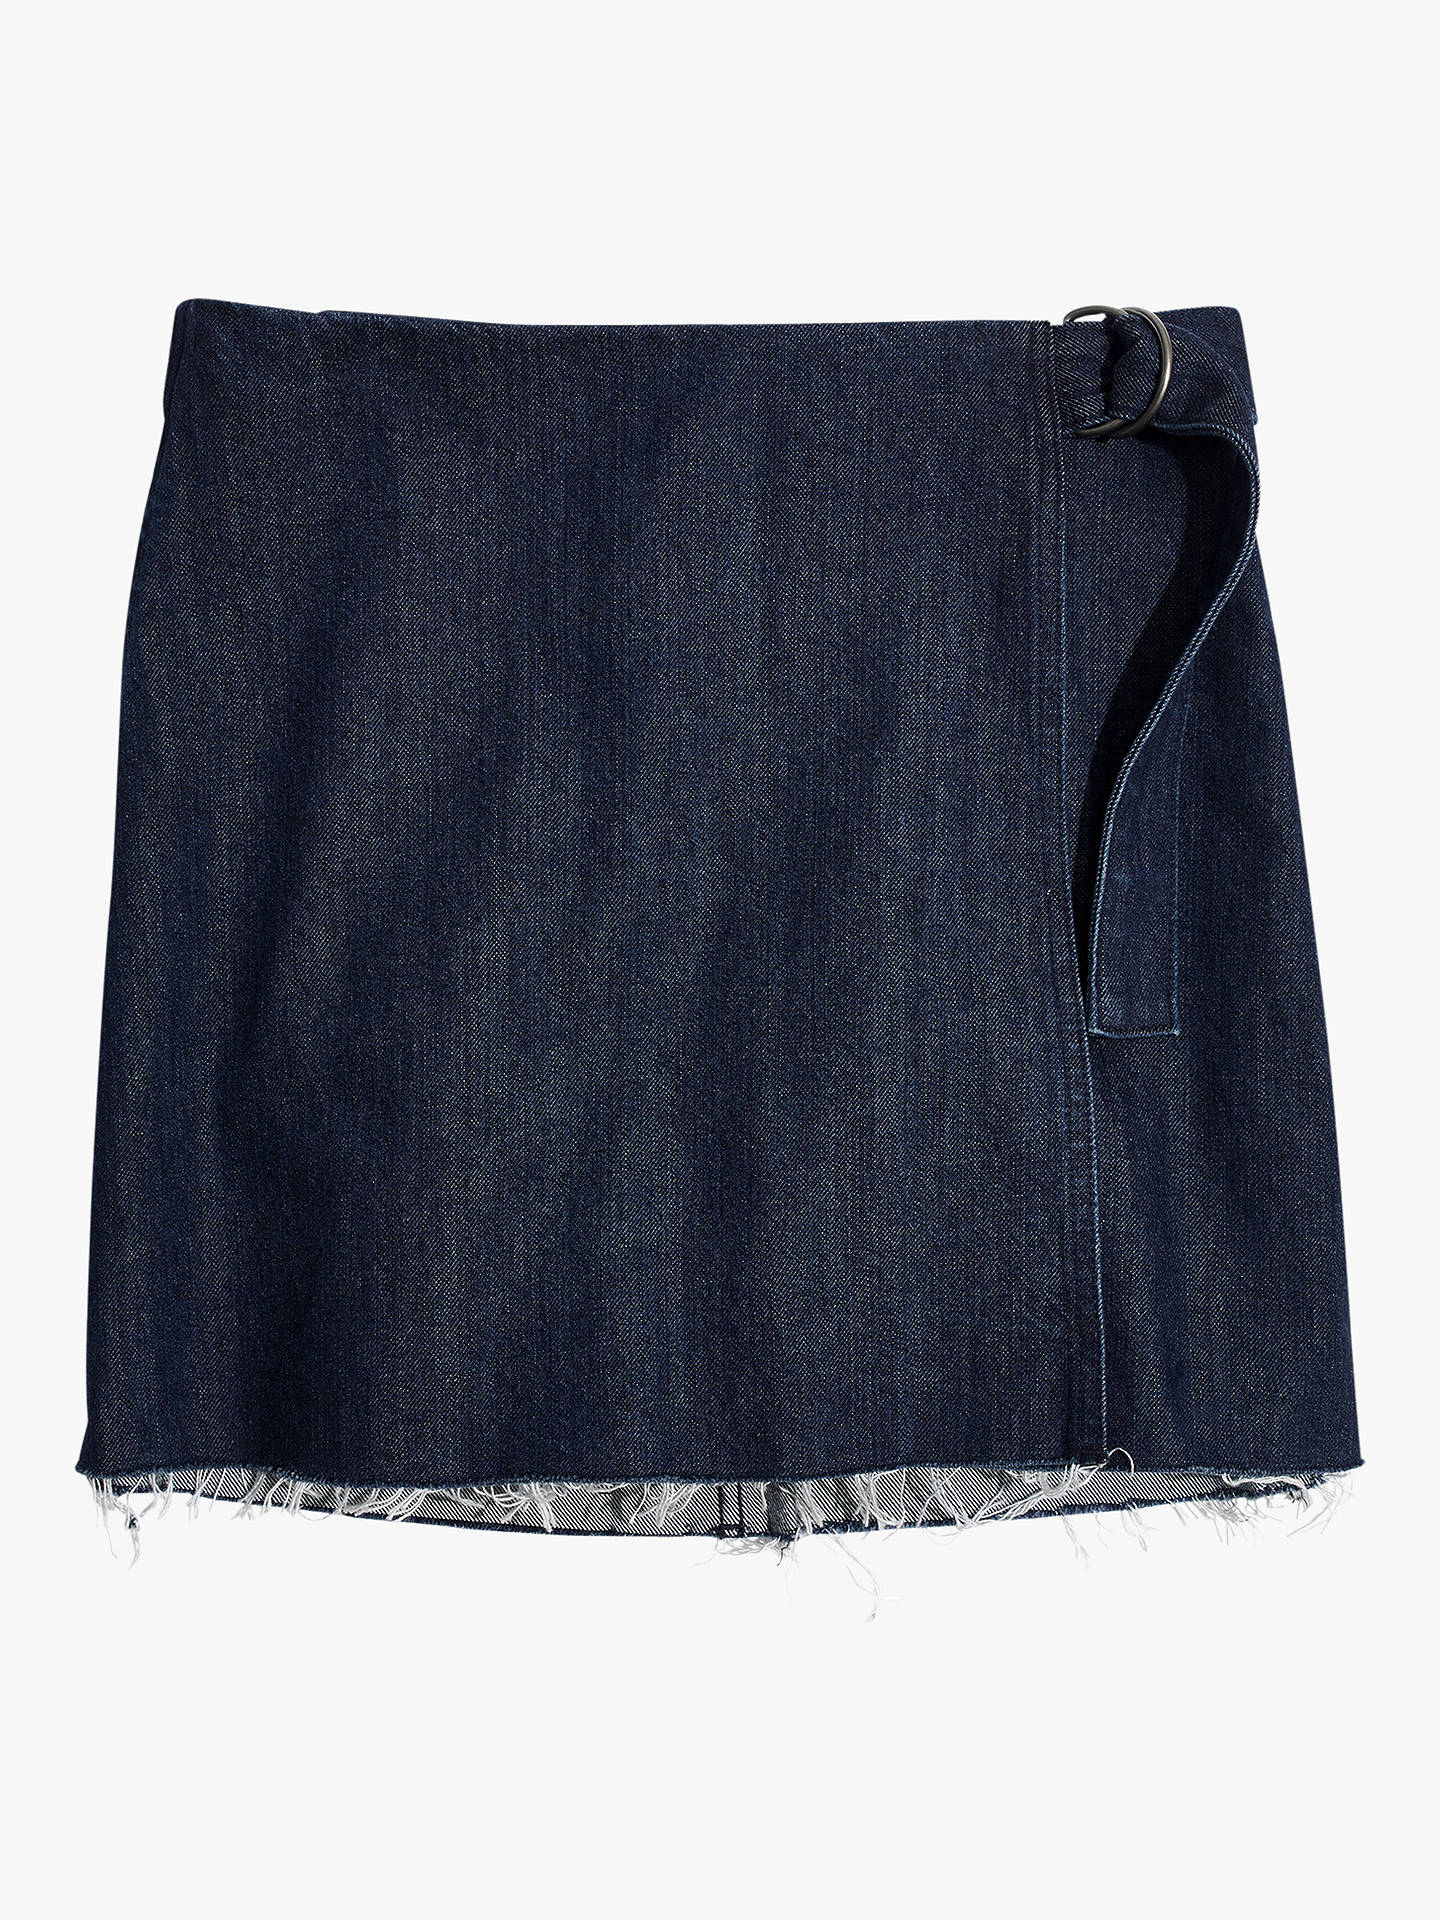 30e84af627b8 Denim Wrap Skirt Madewell - raveitsafe